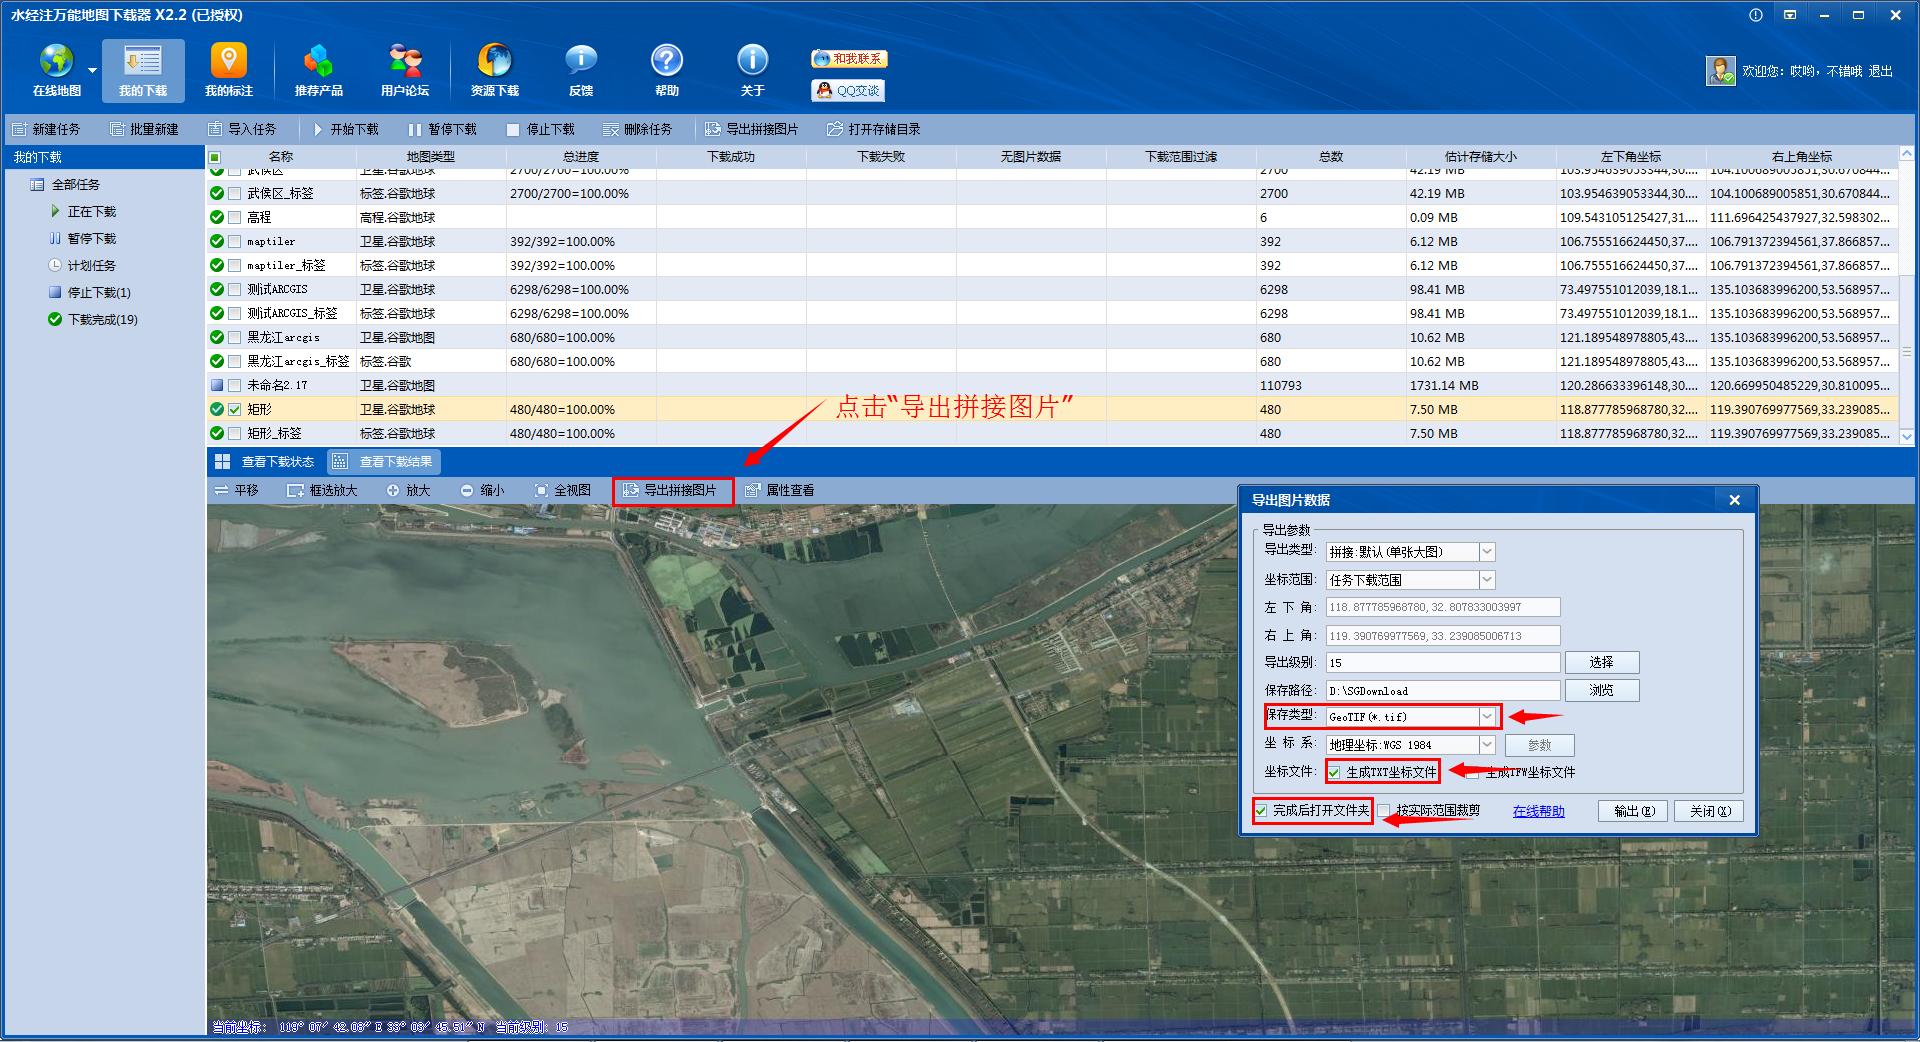 经常使用CAD的朋友需要将下载的卫星影像和自己原有的矢量数据相叠加,那么如才能做到准确的叠加呢,现在小编就给大家介绍一下叠加的办法。 1、材料准备 水经注万能地图下载器 AutoCAD 2010 水经注万能地图下载器下载: